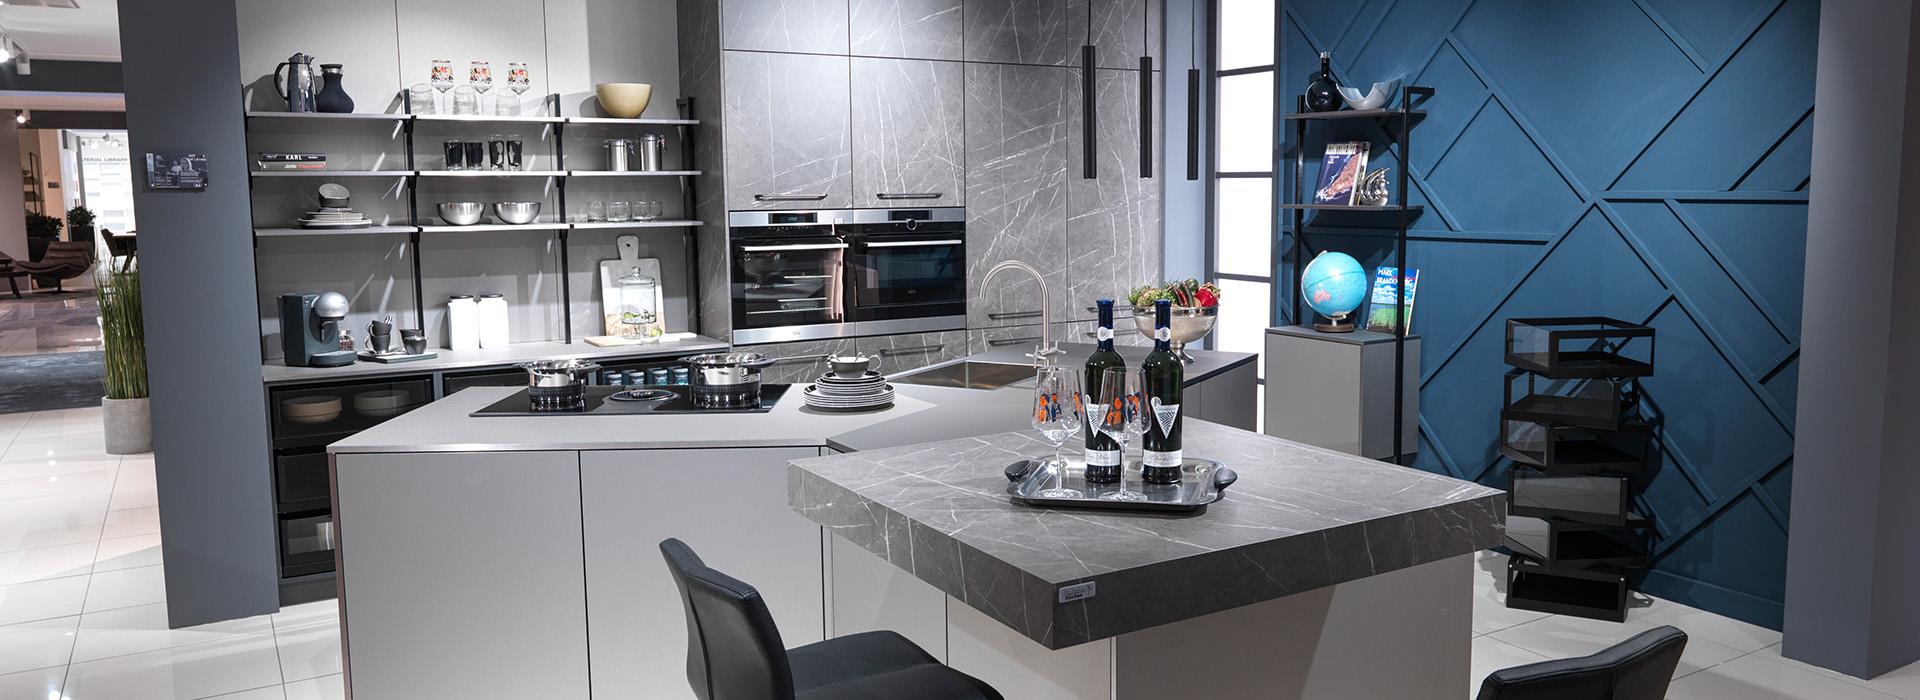 Küche kaufen Trend Topline Wollenberg Essen